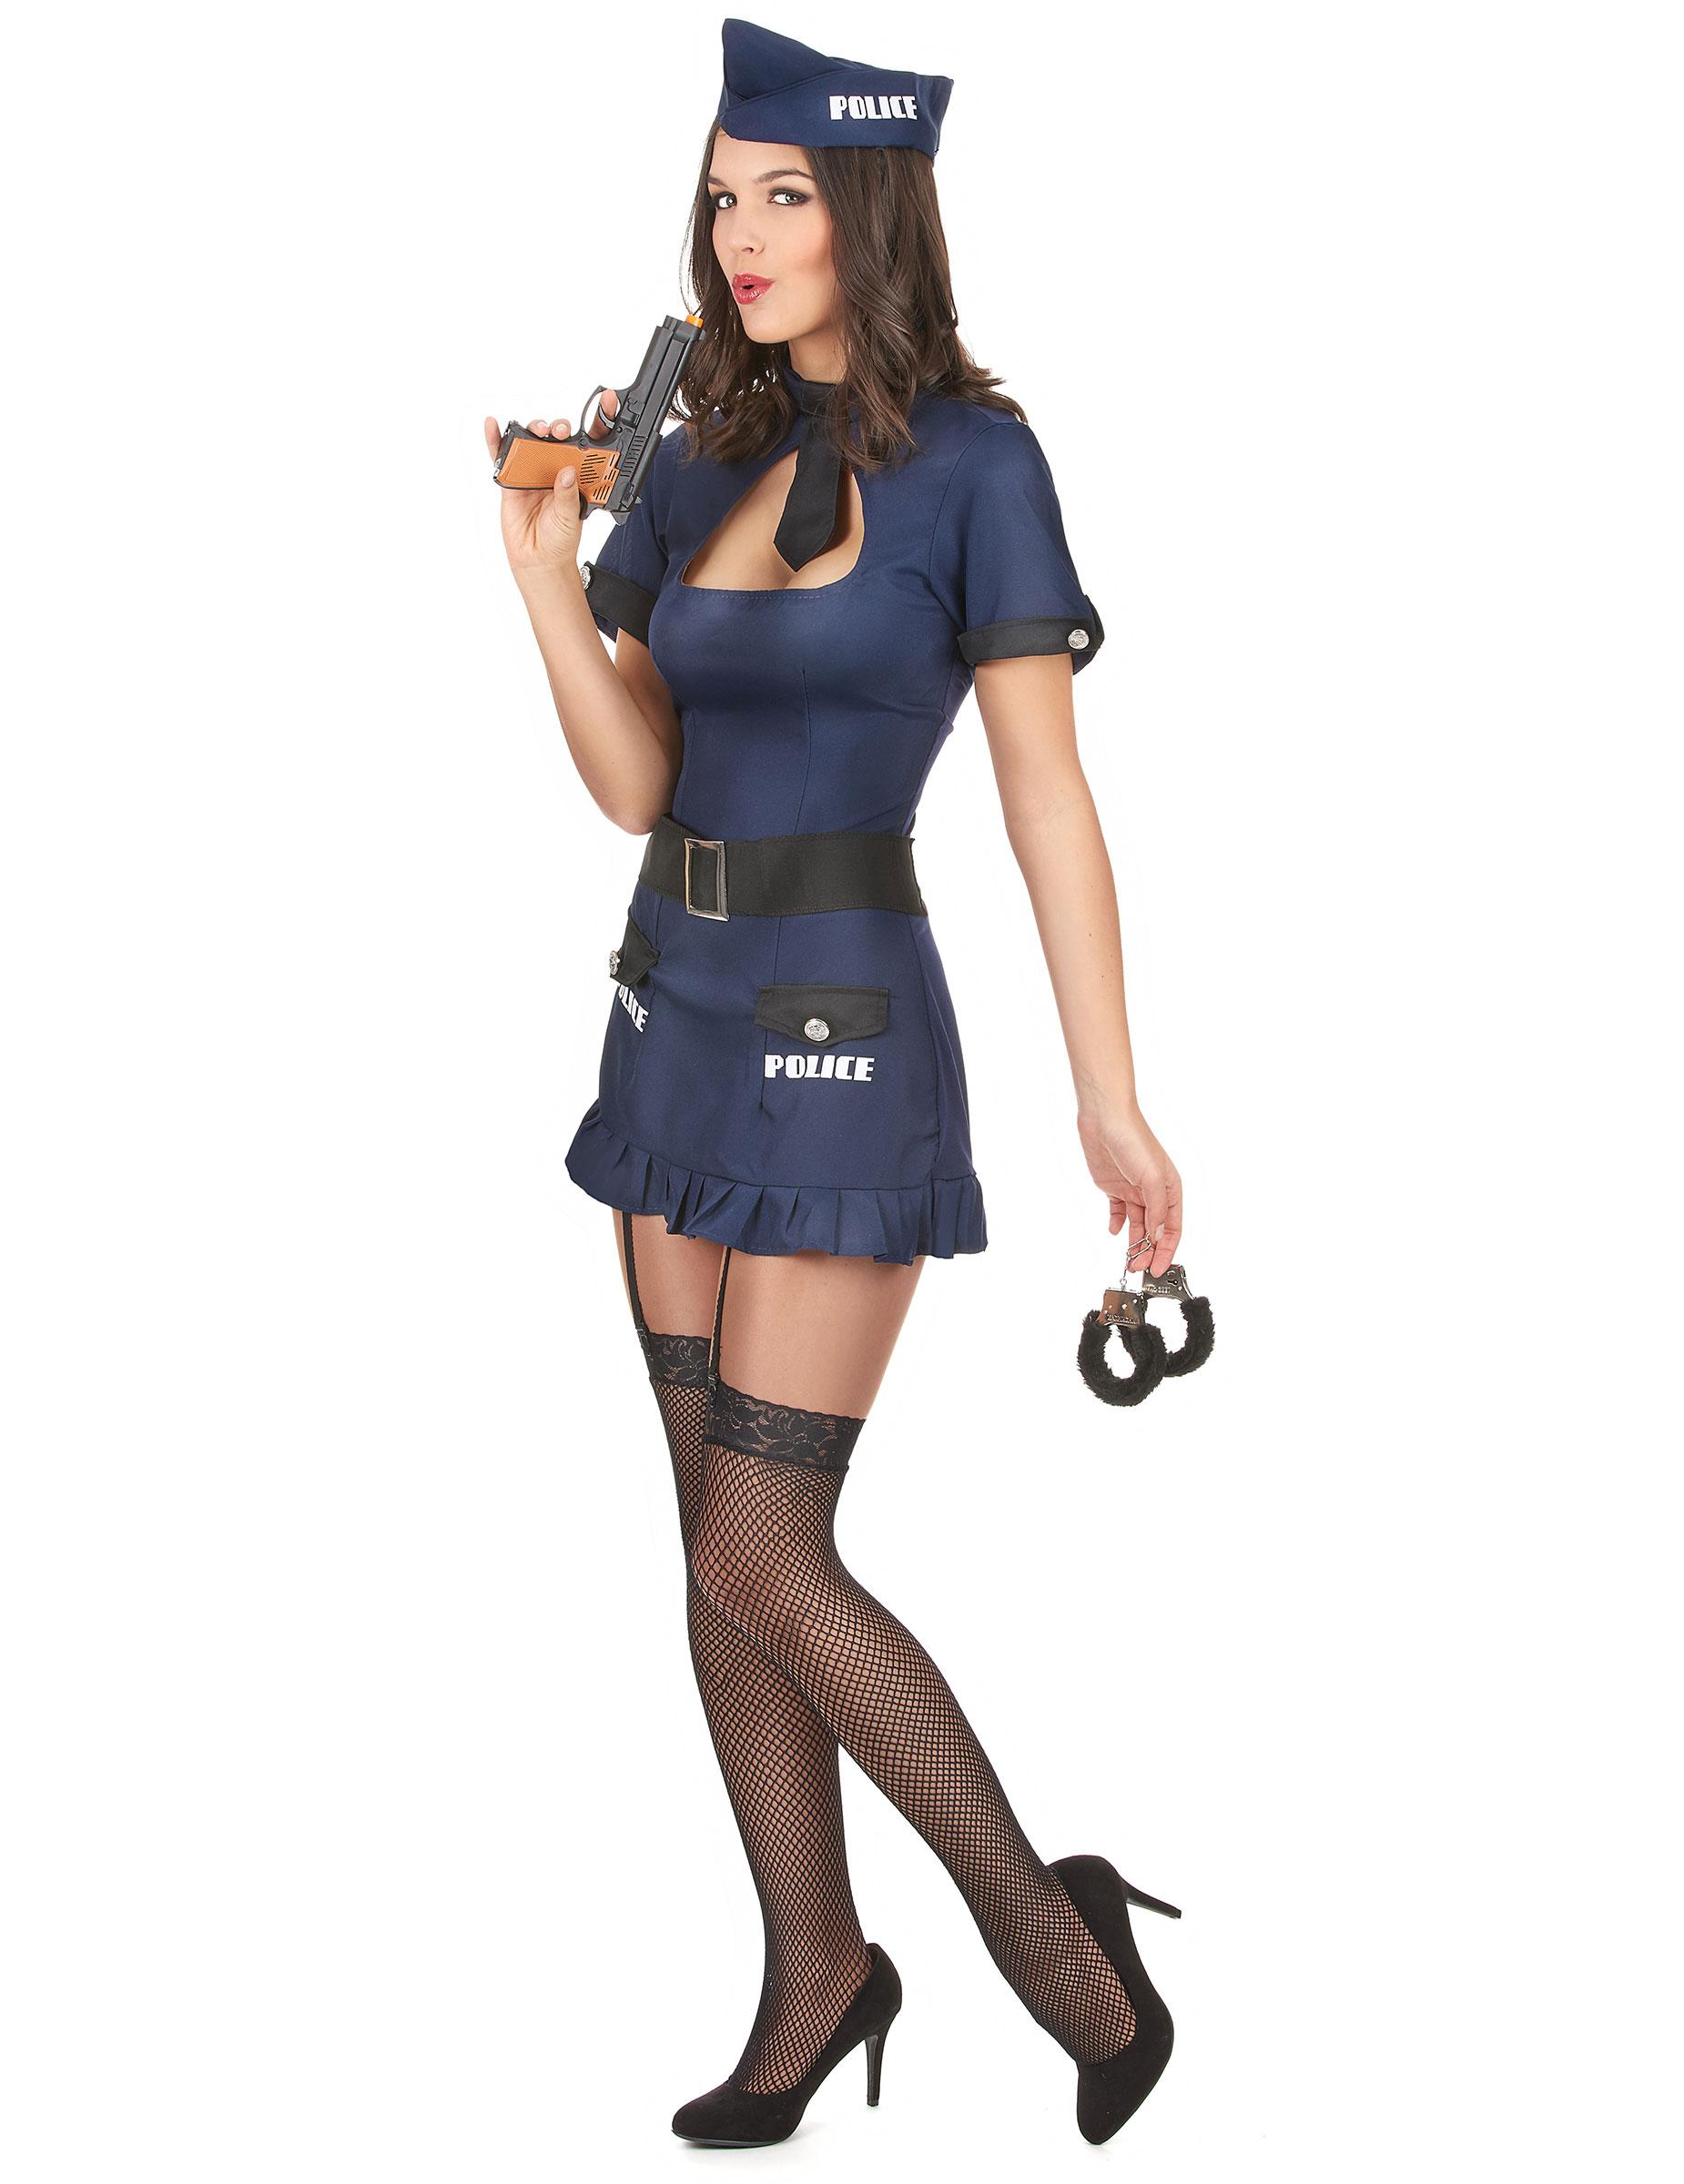 d guisement polici re femme sexy achat de d guisements adultes sur vegaoopro grossiste en. Black Bedroom Furniture Sets. Home Design Ideas